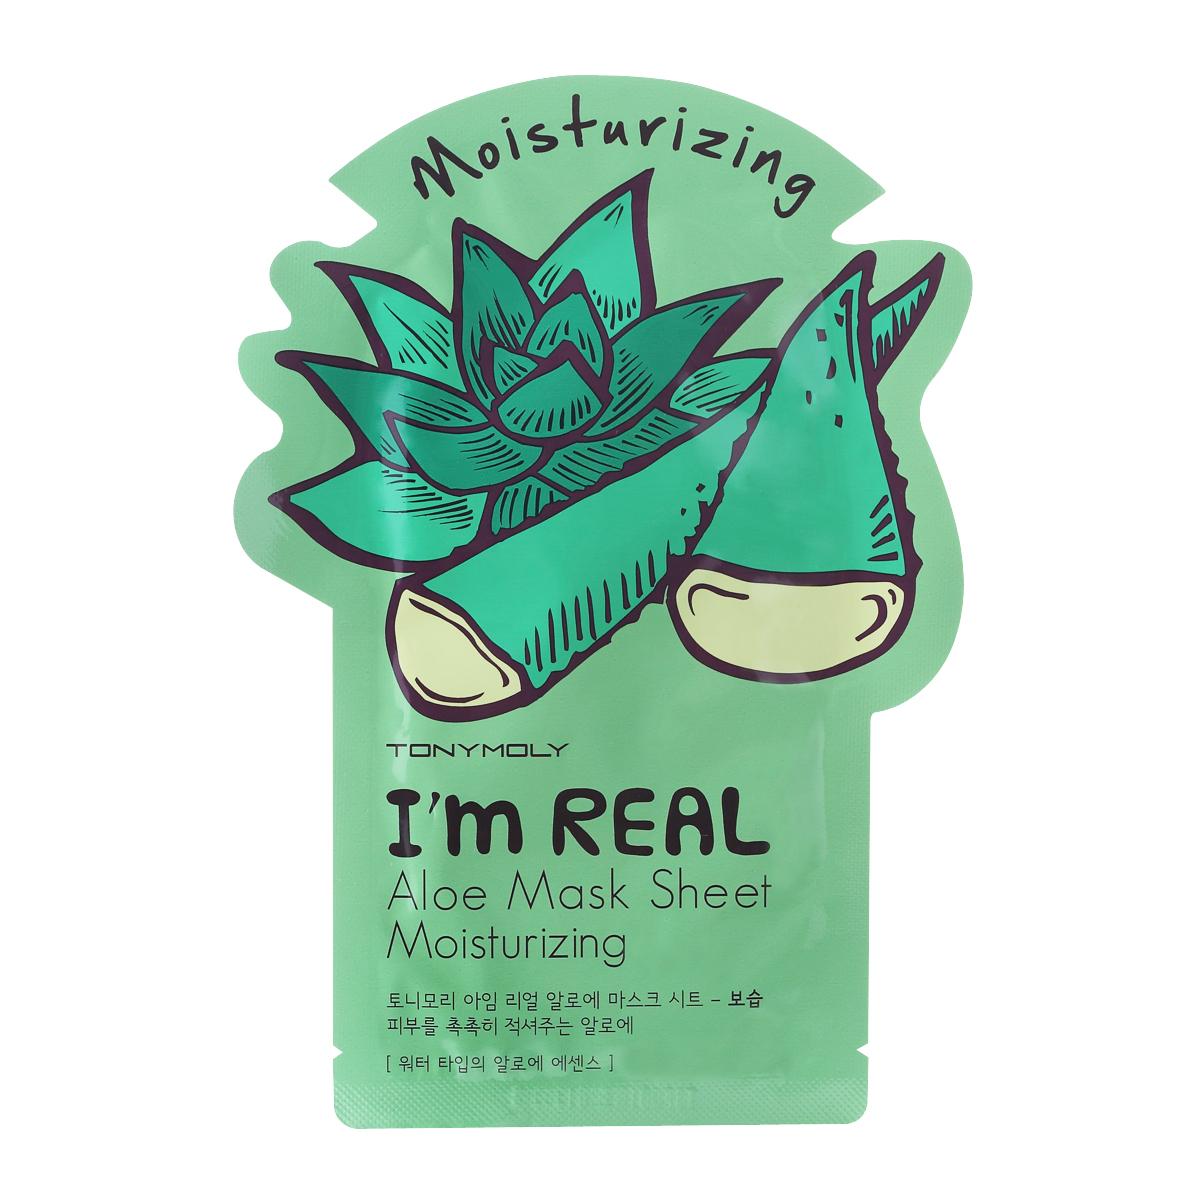 TonyMoly Тканевая маска с экстрактом алое Im Real Aloe Mask Sheet, 21 млSS05015300Увлажняющая маска с экстрактом алоэ создана специально для кожи, нуждающейся в интенсивном питании и увлажнении. Экстракт алоэ успокаивает раздраженную кожу, снимает покраснения, шелушения и раздражения. Кроме алоэ, в состав маски входит большое количество минералов, витаминов и аминокислот, которые улучшают кровообращение, обладают бактерицидным действием и уменьшают проявление угрей и прыщей. Маска подходит для любой кожи, нуждающейся в интенсивном увлажнении и питании. Не содержит парабенов, талька и искусственных красителей. Марка Tony Moly чаще всего размещает на упаковке (внизу или наверху на спайке двух сторон упаковки, на дне банки, на тубе сбоку) дату изготовления в формате: год/месяц/дата.